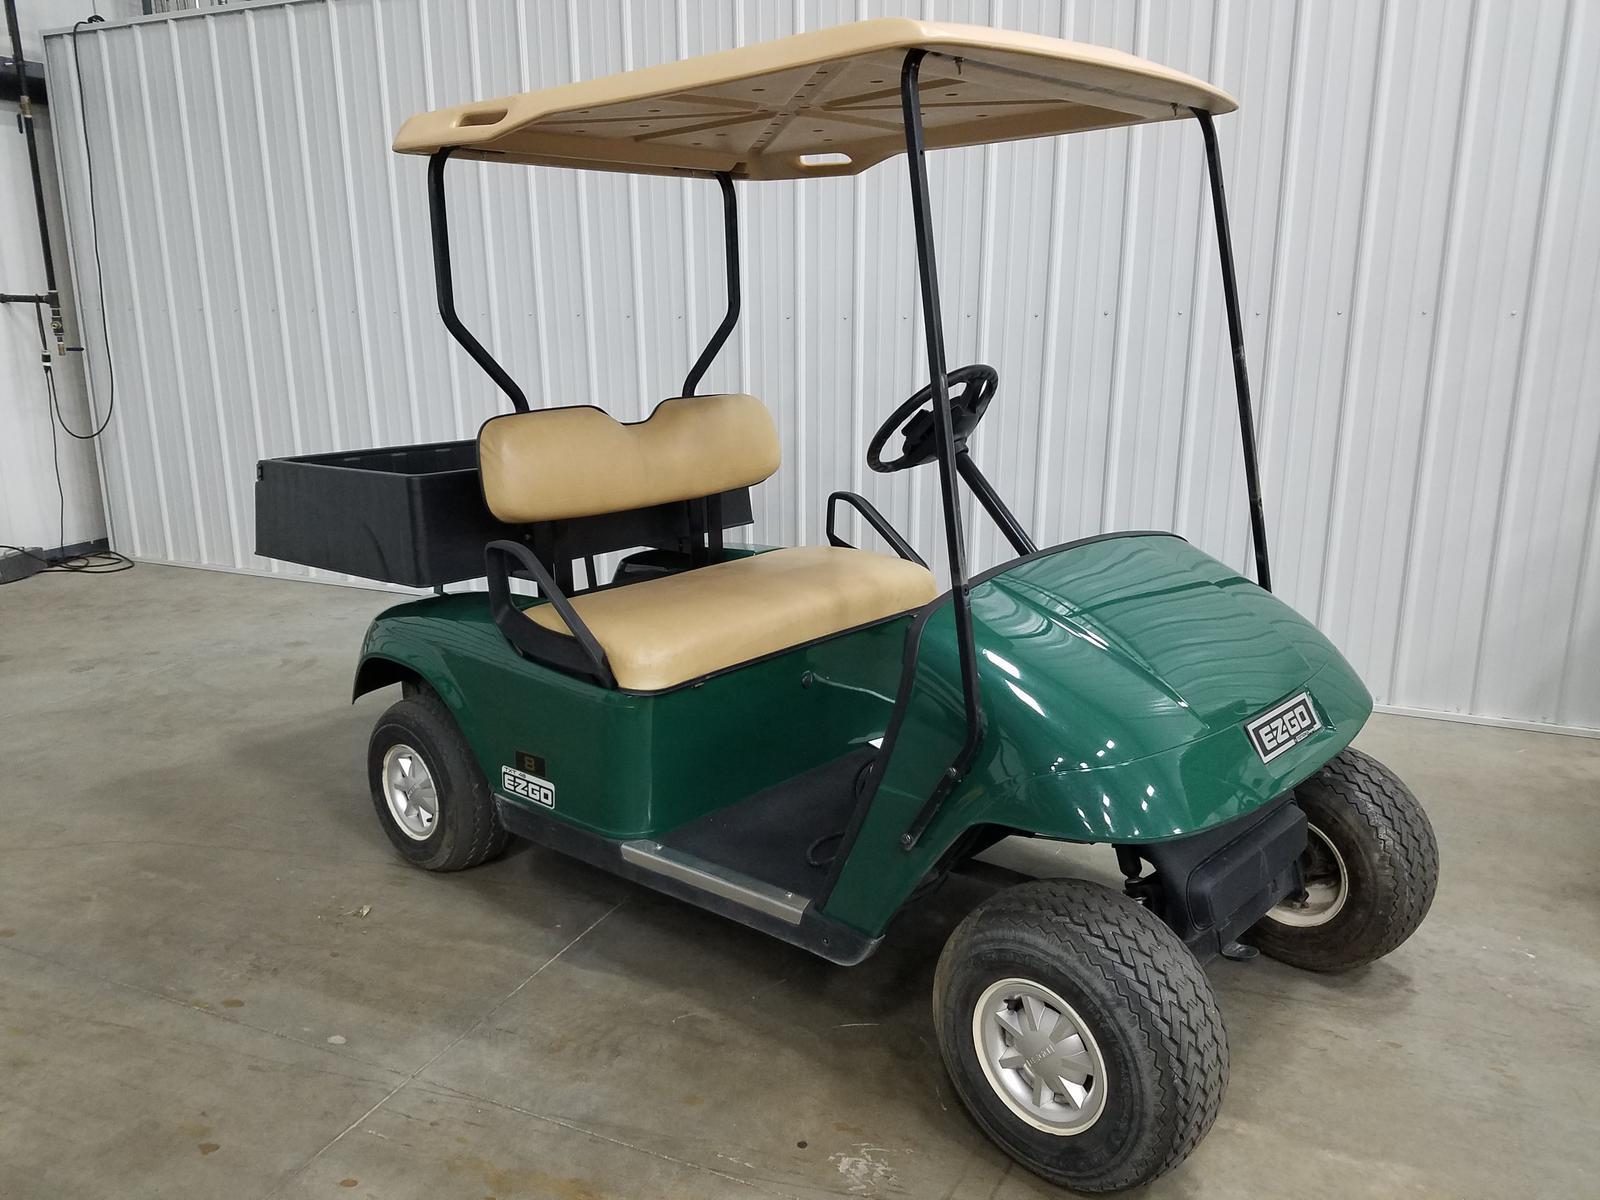 used club car golf cart, ezgo 36 volt golf cart, ezgo 48 volt conversion kit, on ezgo golf cart 48 volt battery compartment